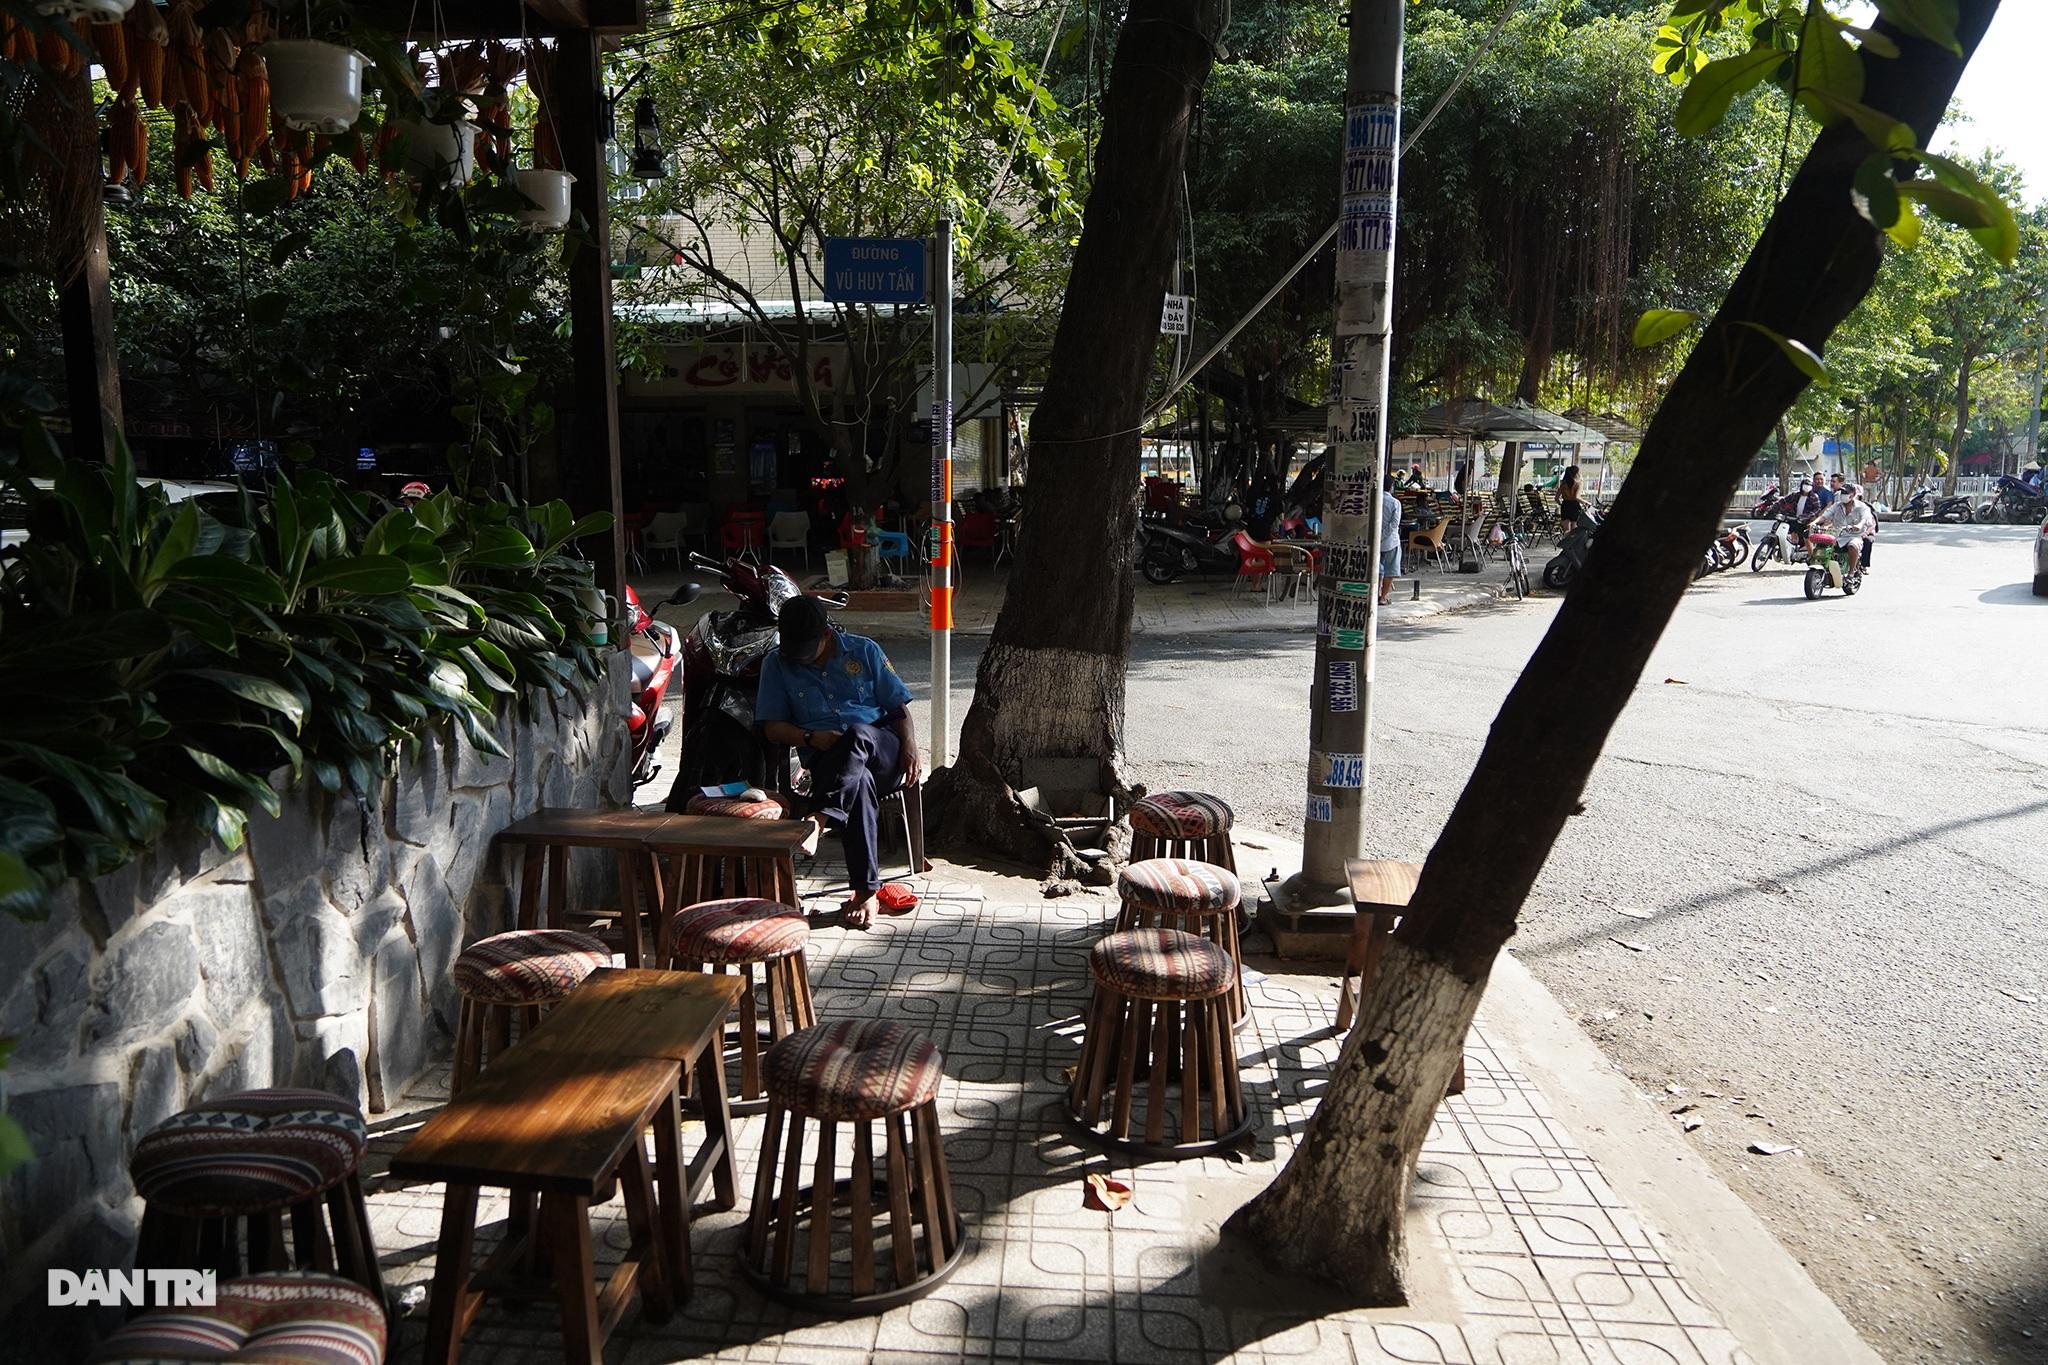 Độc đáo cà phê của vợ chồng A Phủ giữa lòng Sài Gòn - 2